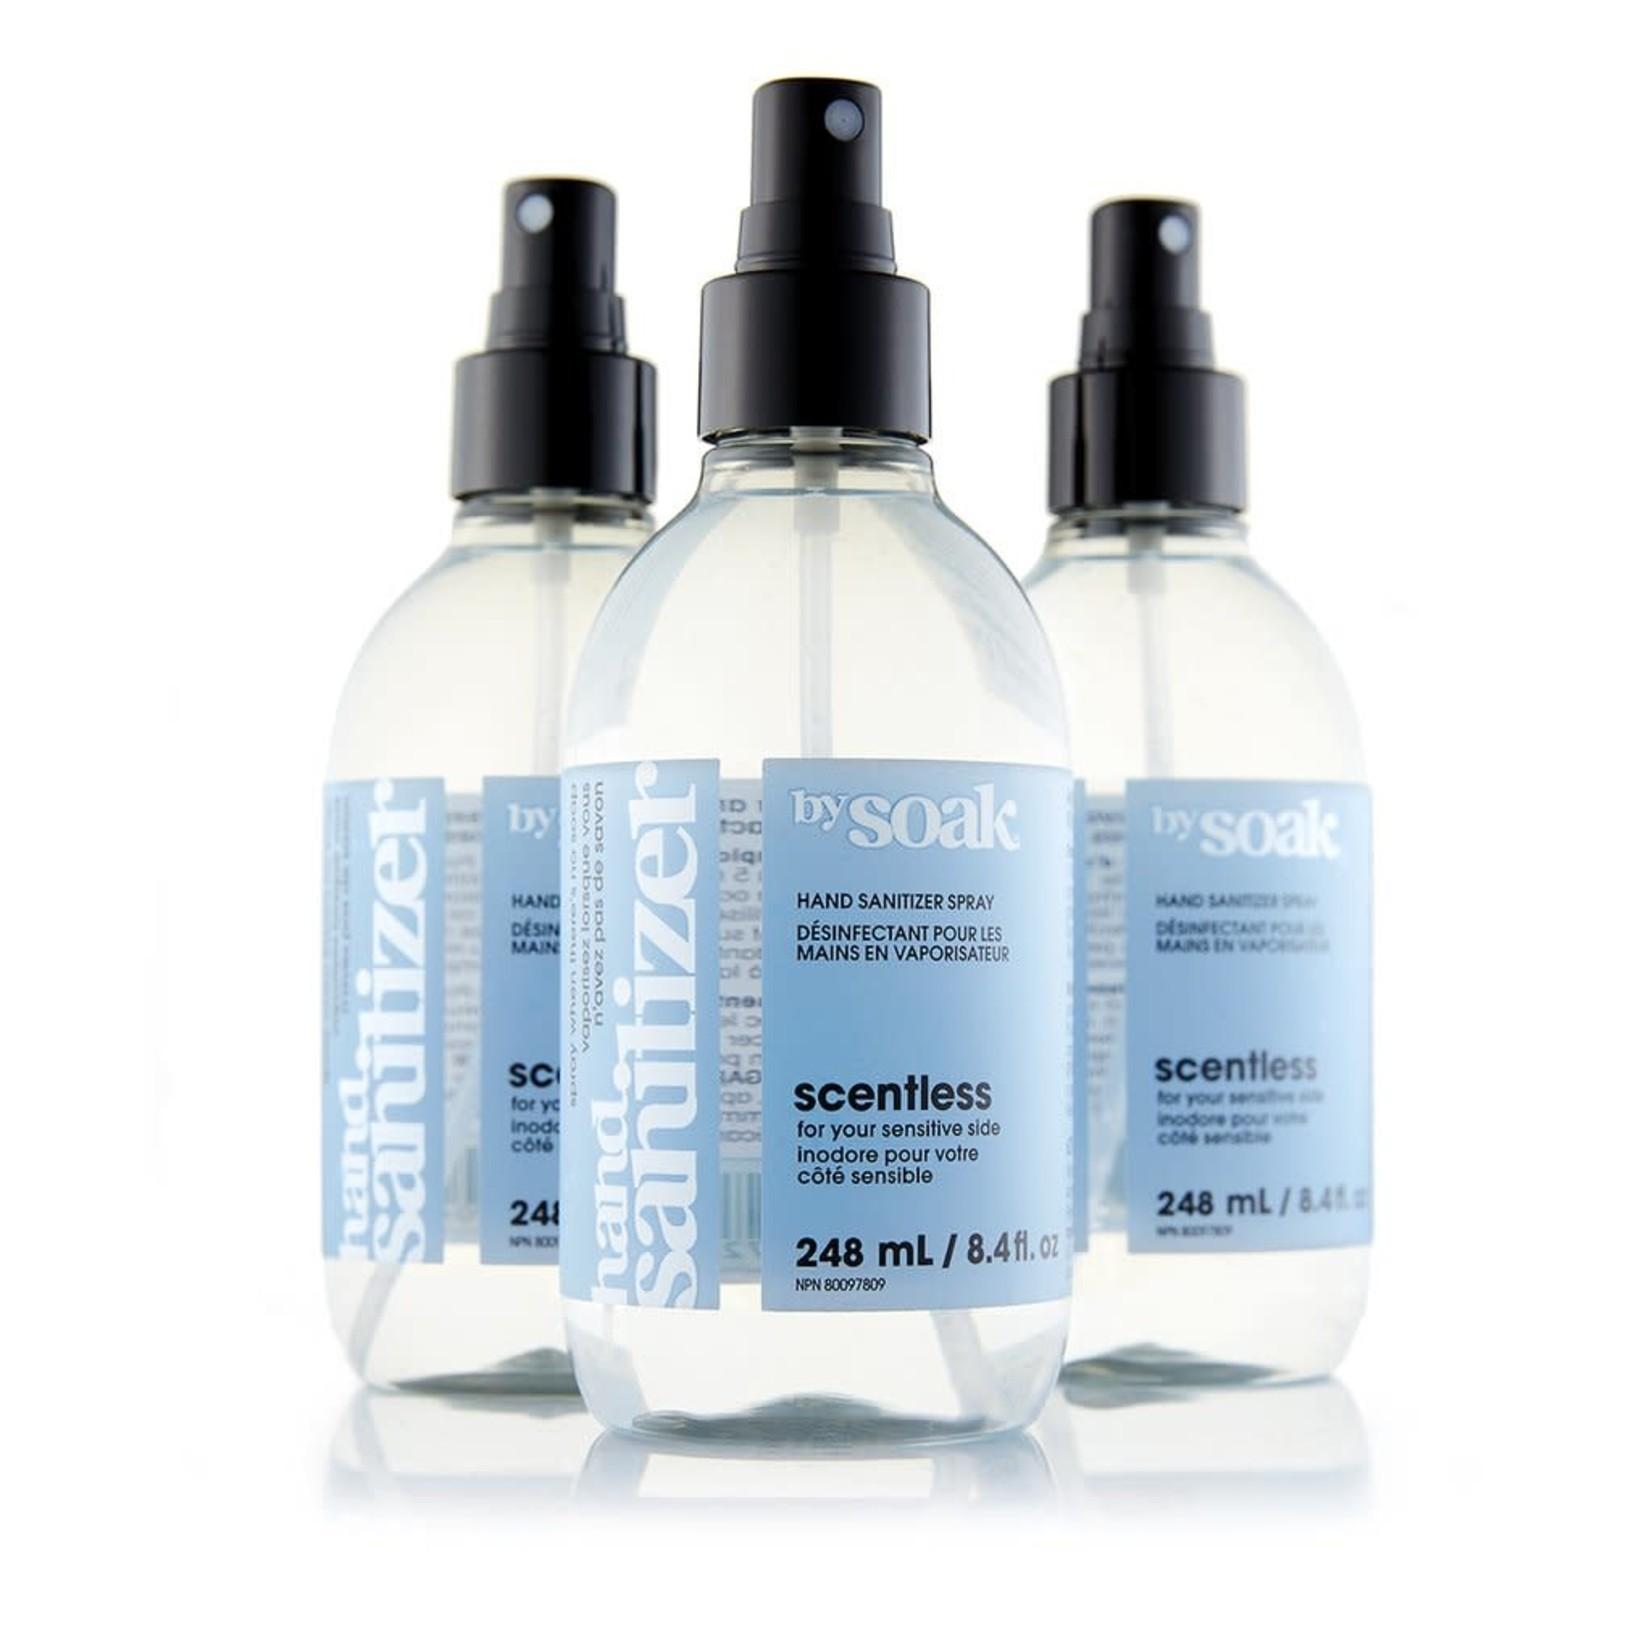 Soak Hand Sanitizer by Soak 8oz 248 ml x 3 Bottles